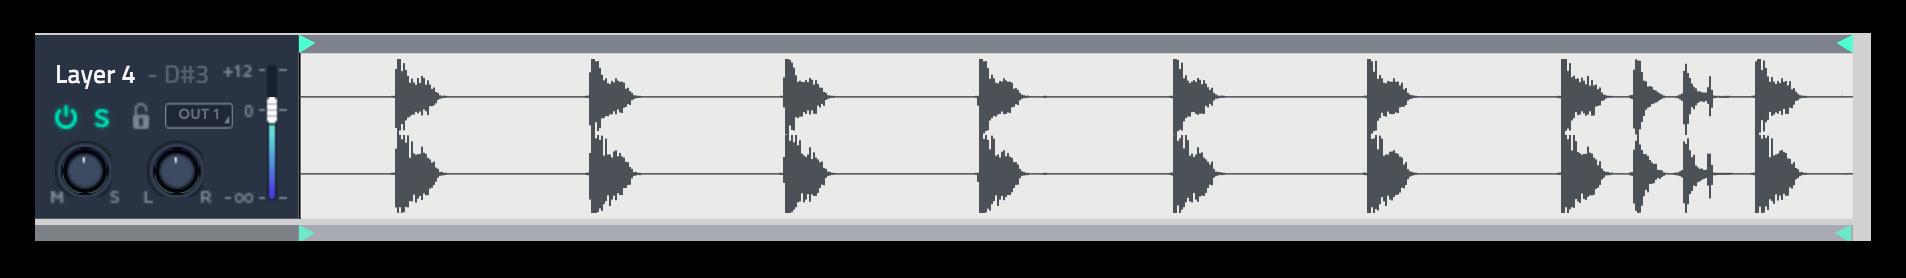 accusonus-regroover-pro-10-annotated-layer